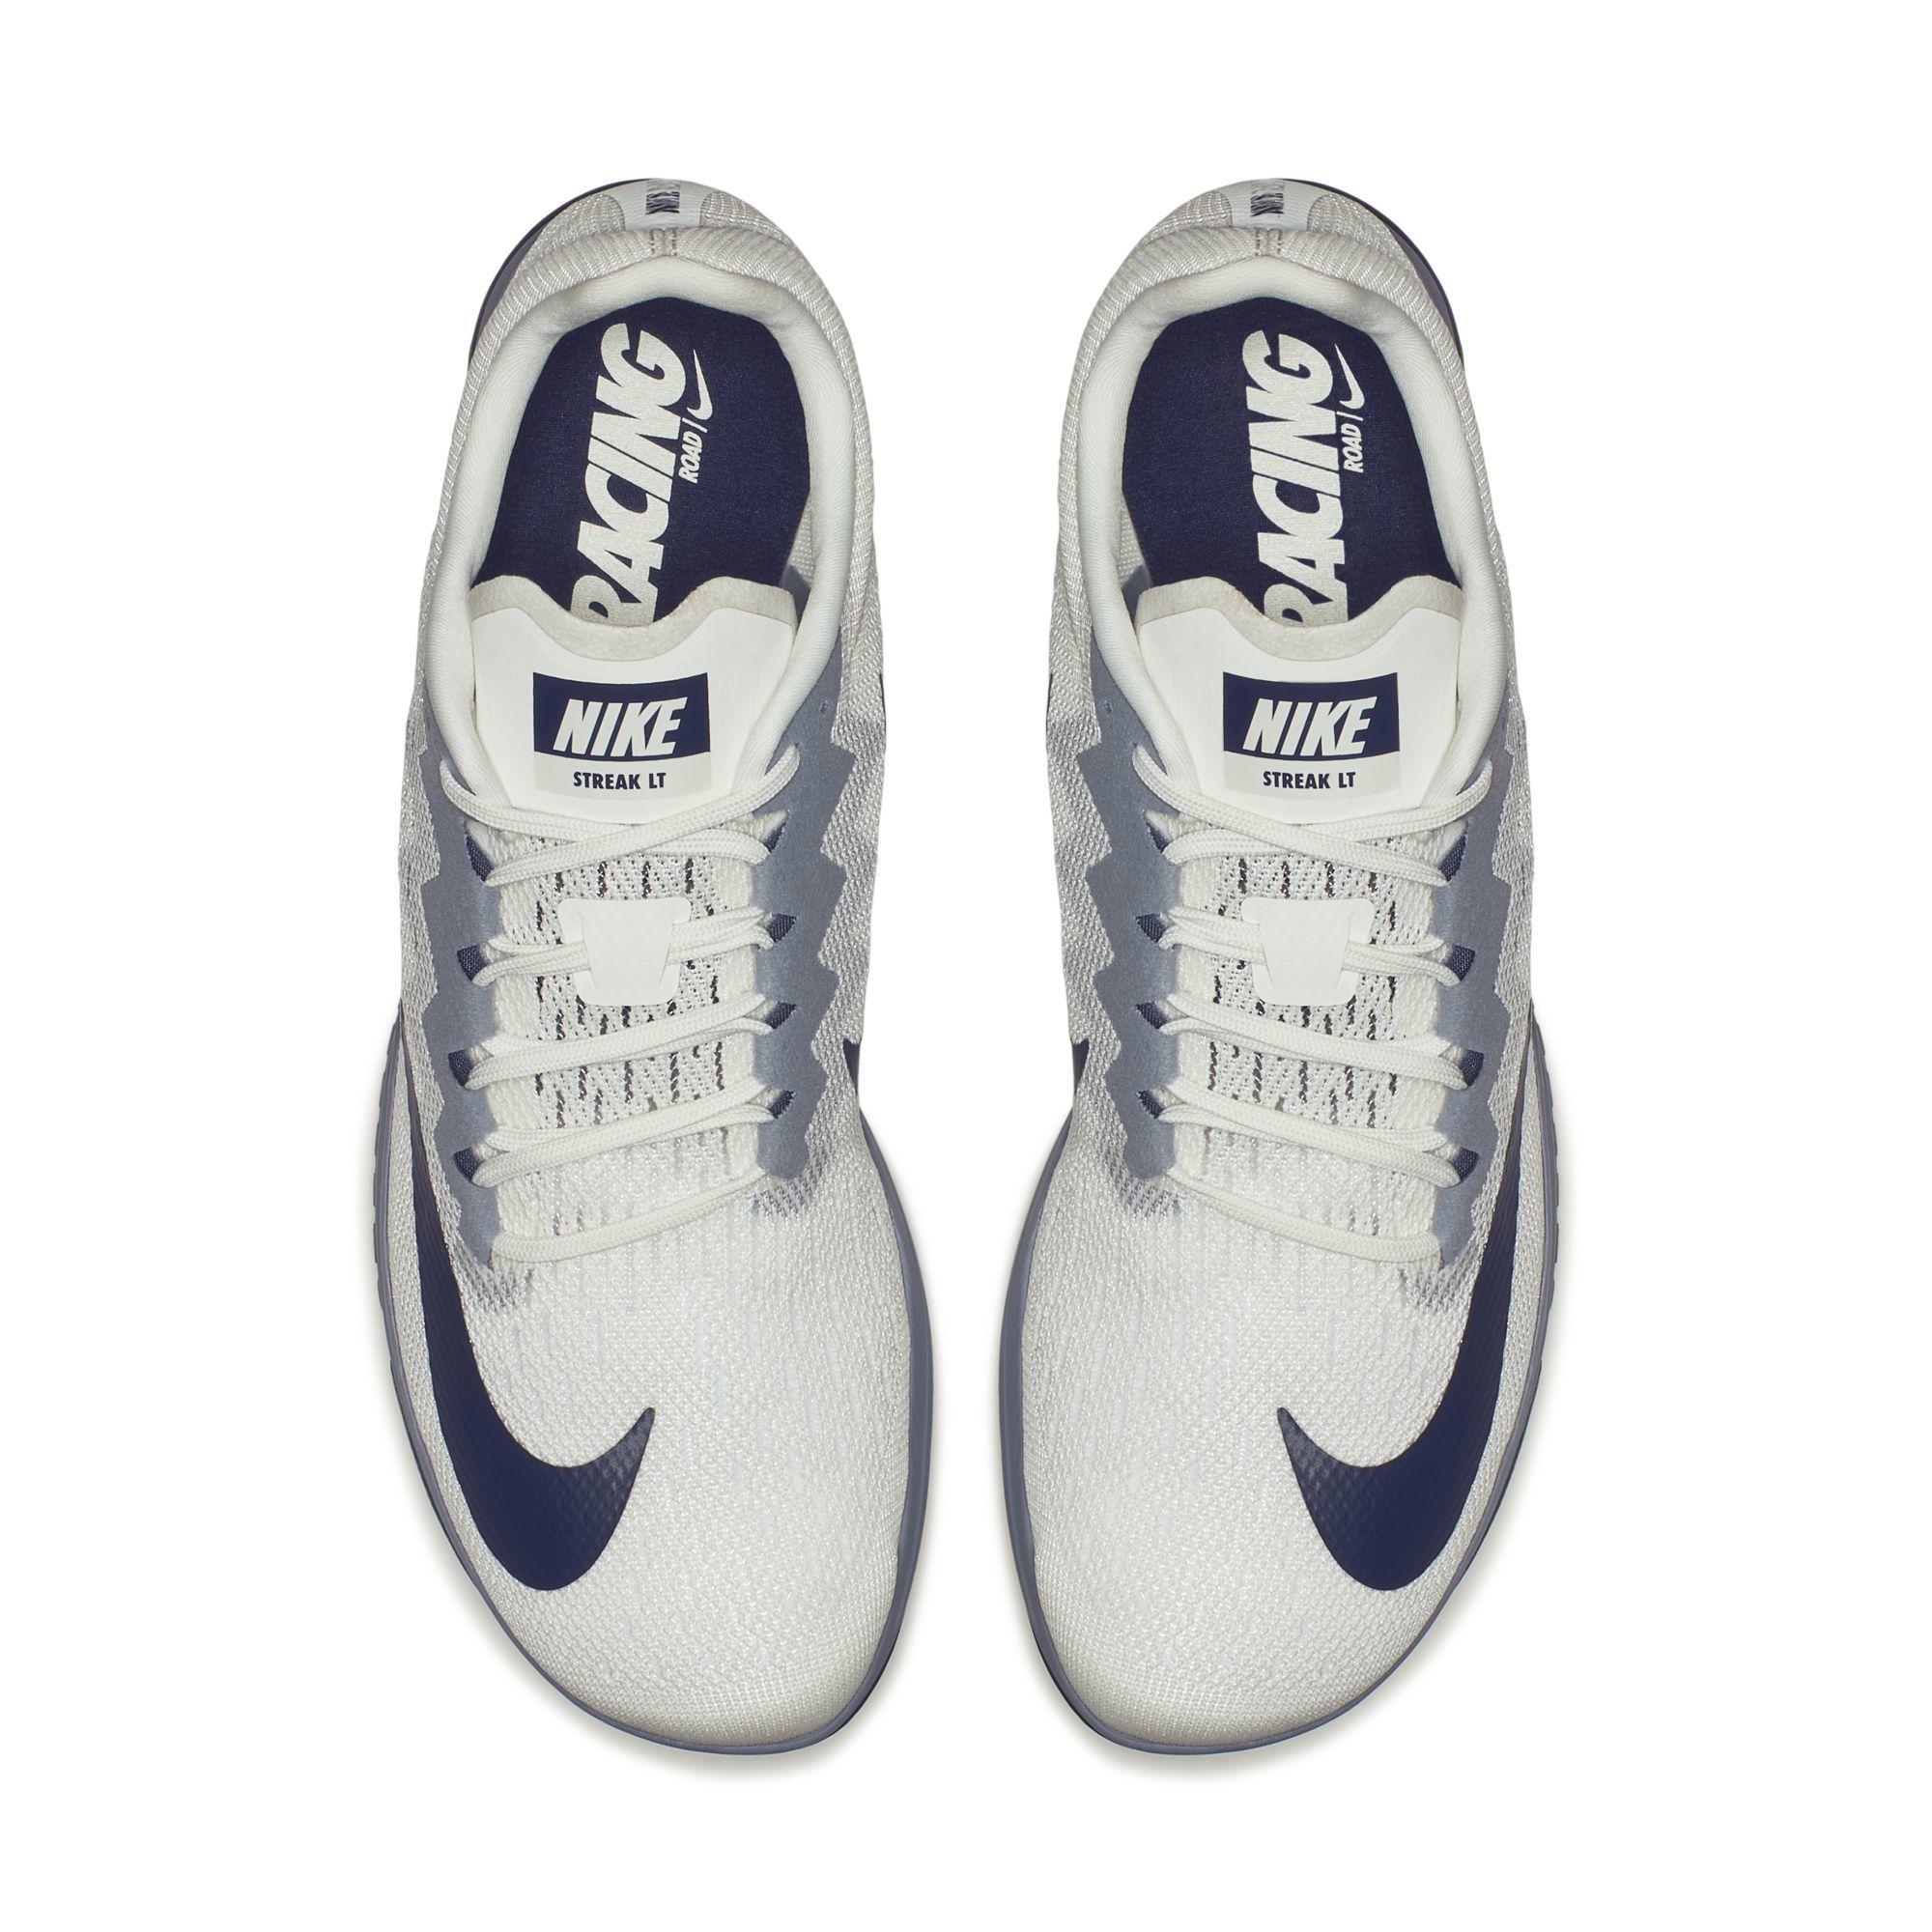 Nike Zoom Streak Lt 4 2